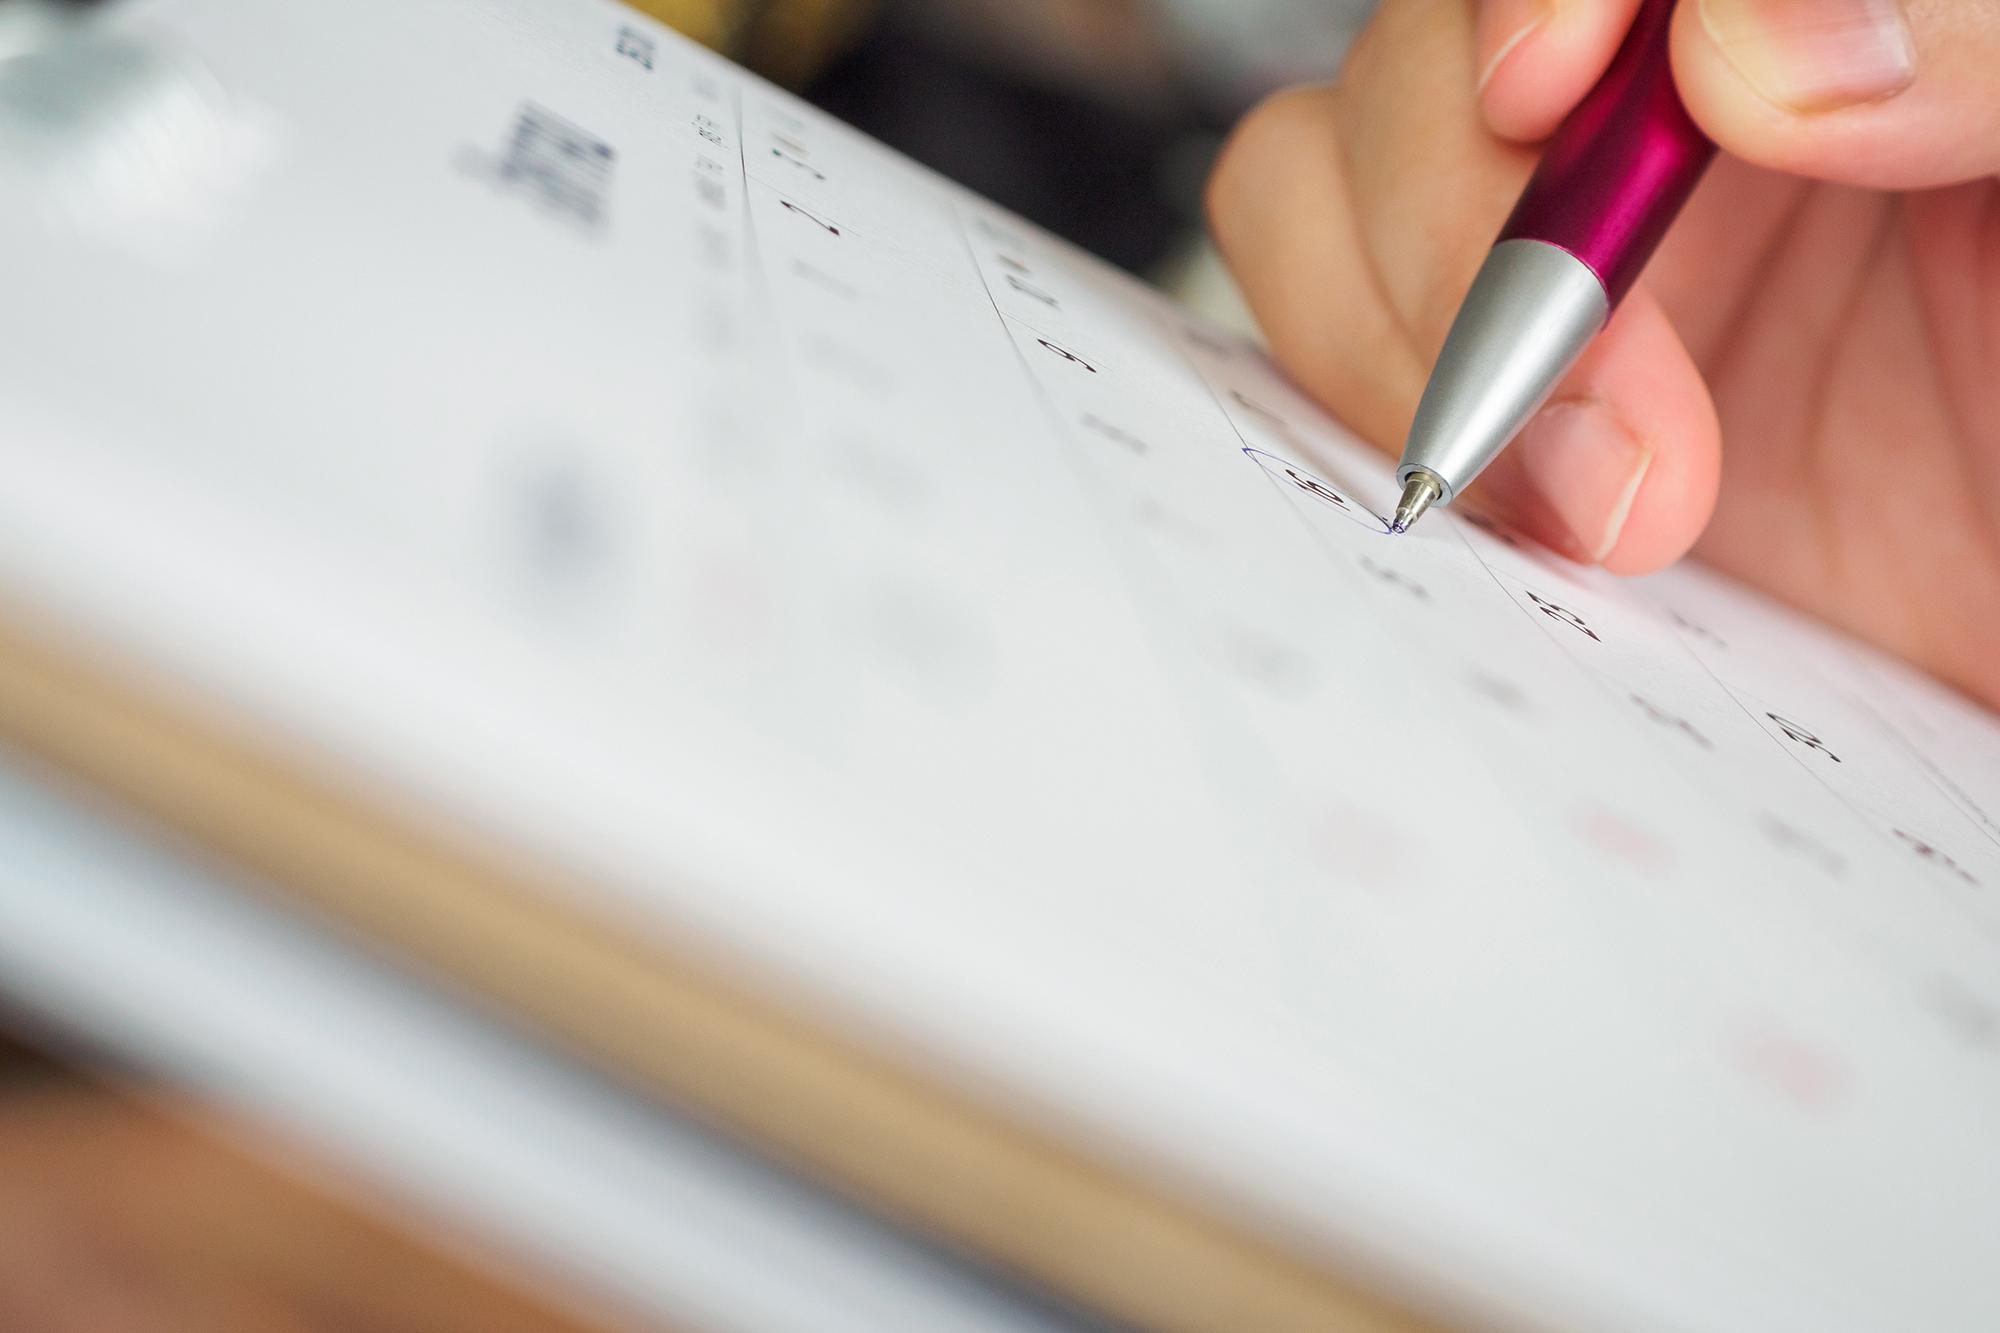 Stift kreist Datum auf Kalender ein | c iStock/Kwangmoozaa